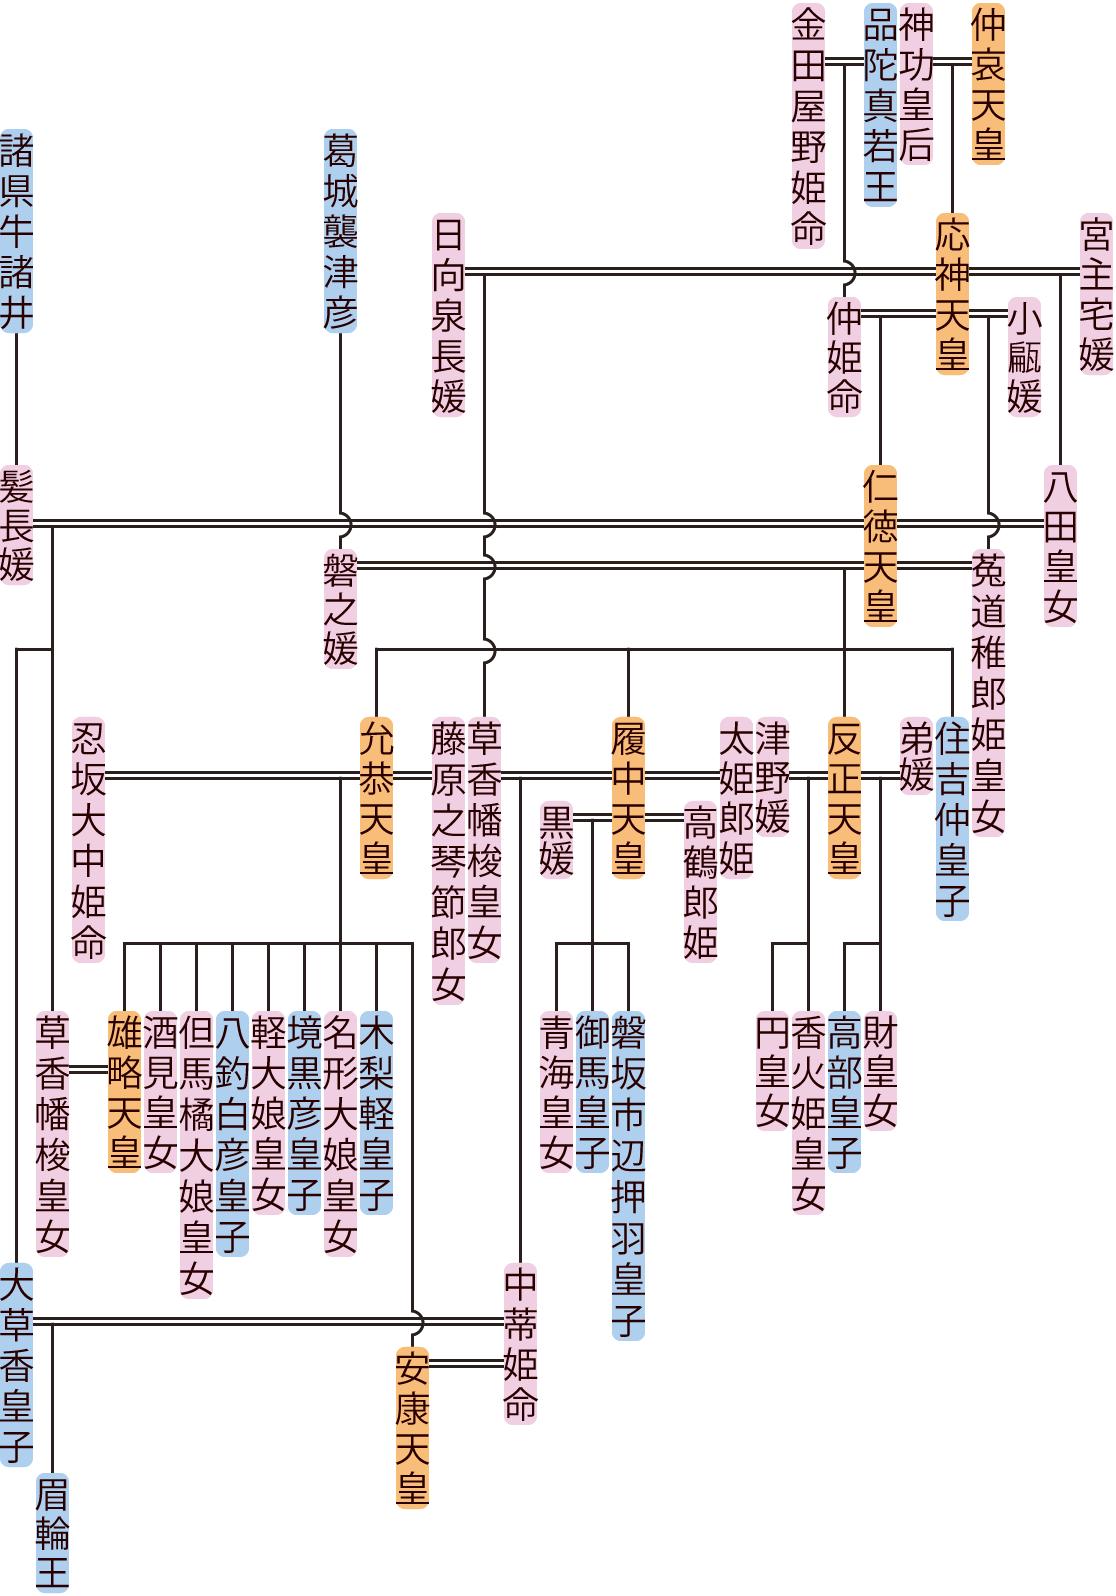 仁徳天皇の系図